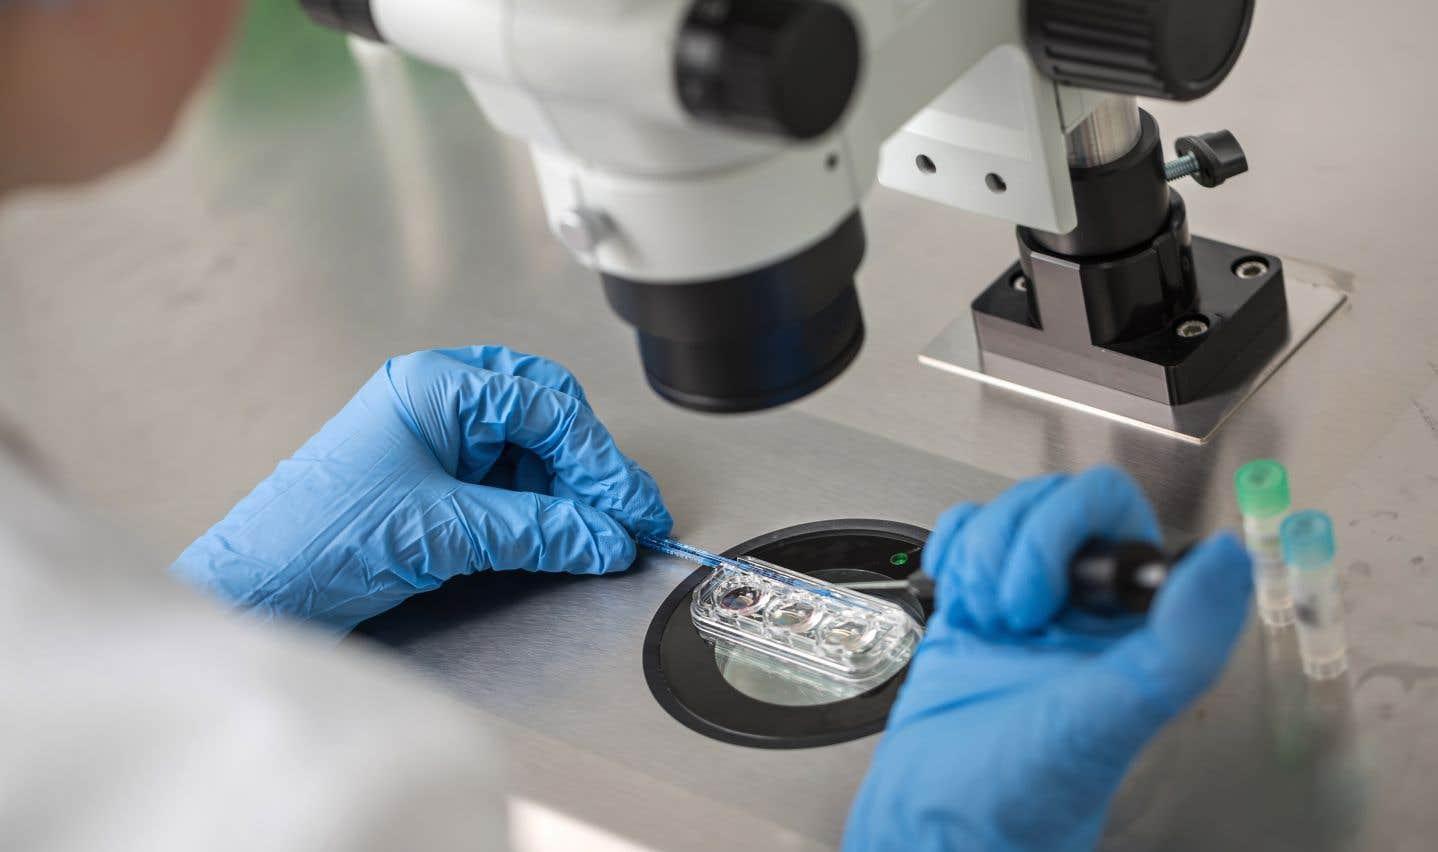 Des recherches ciblent l'âge des hommes comme facteur important dans l'infertilité.